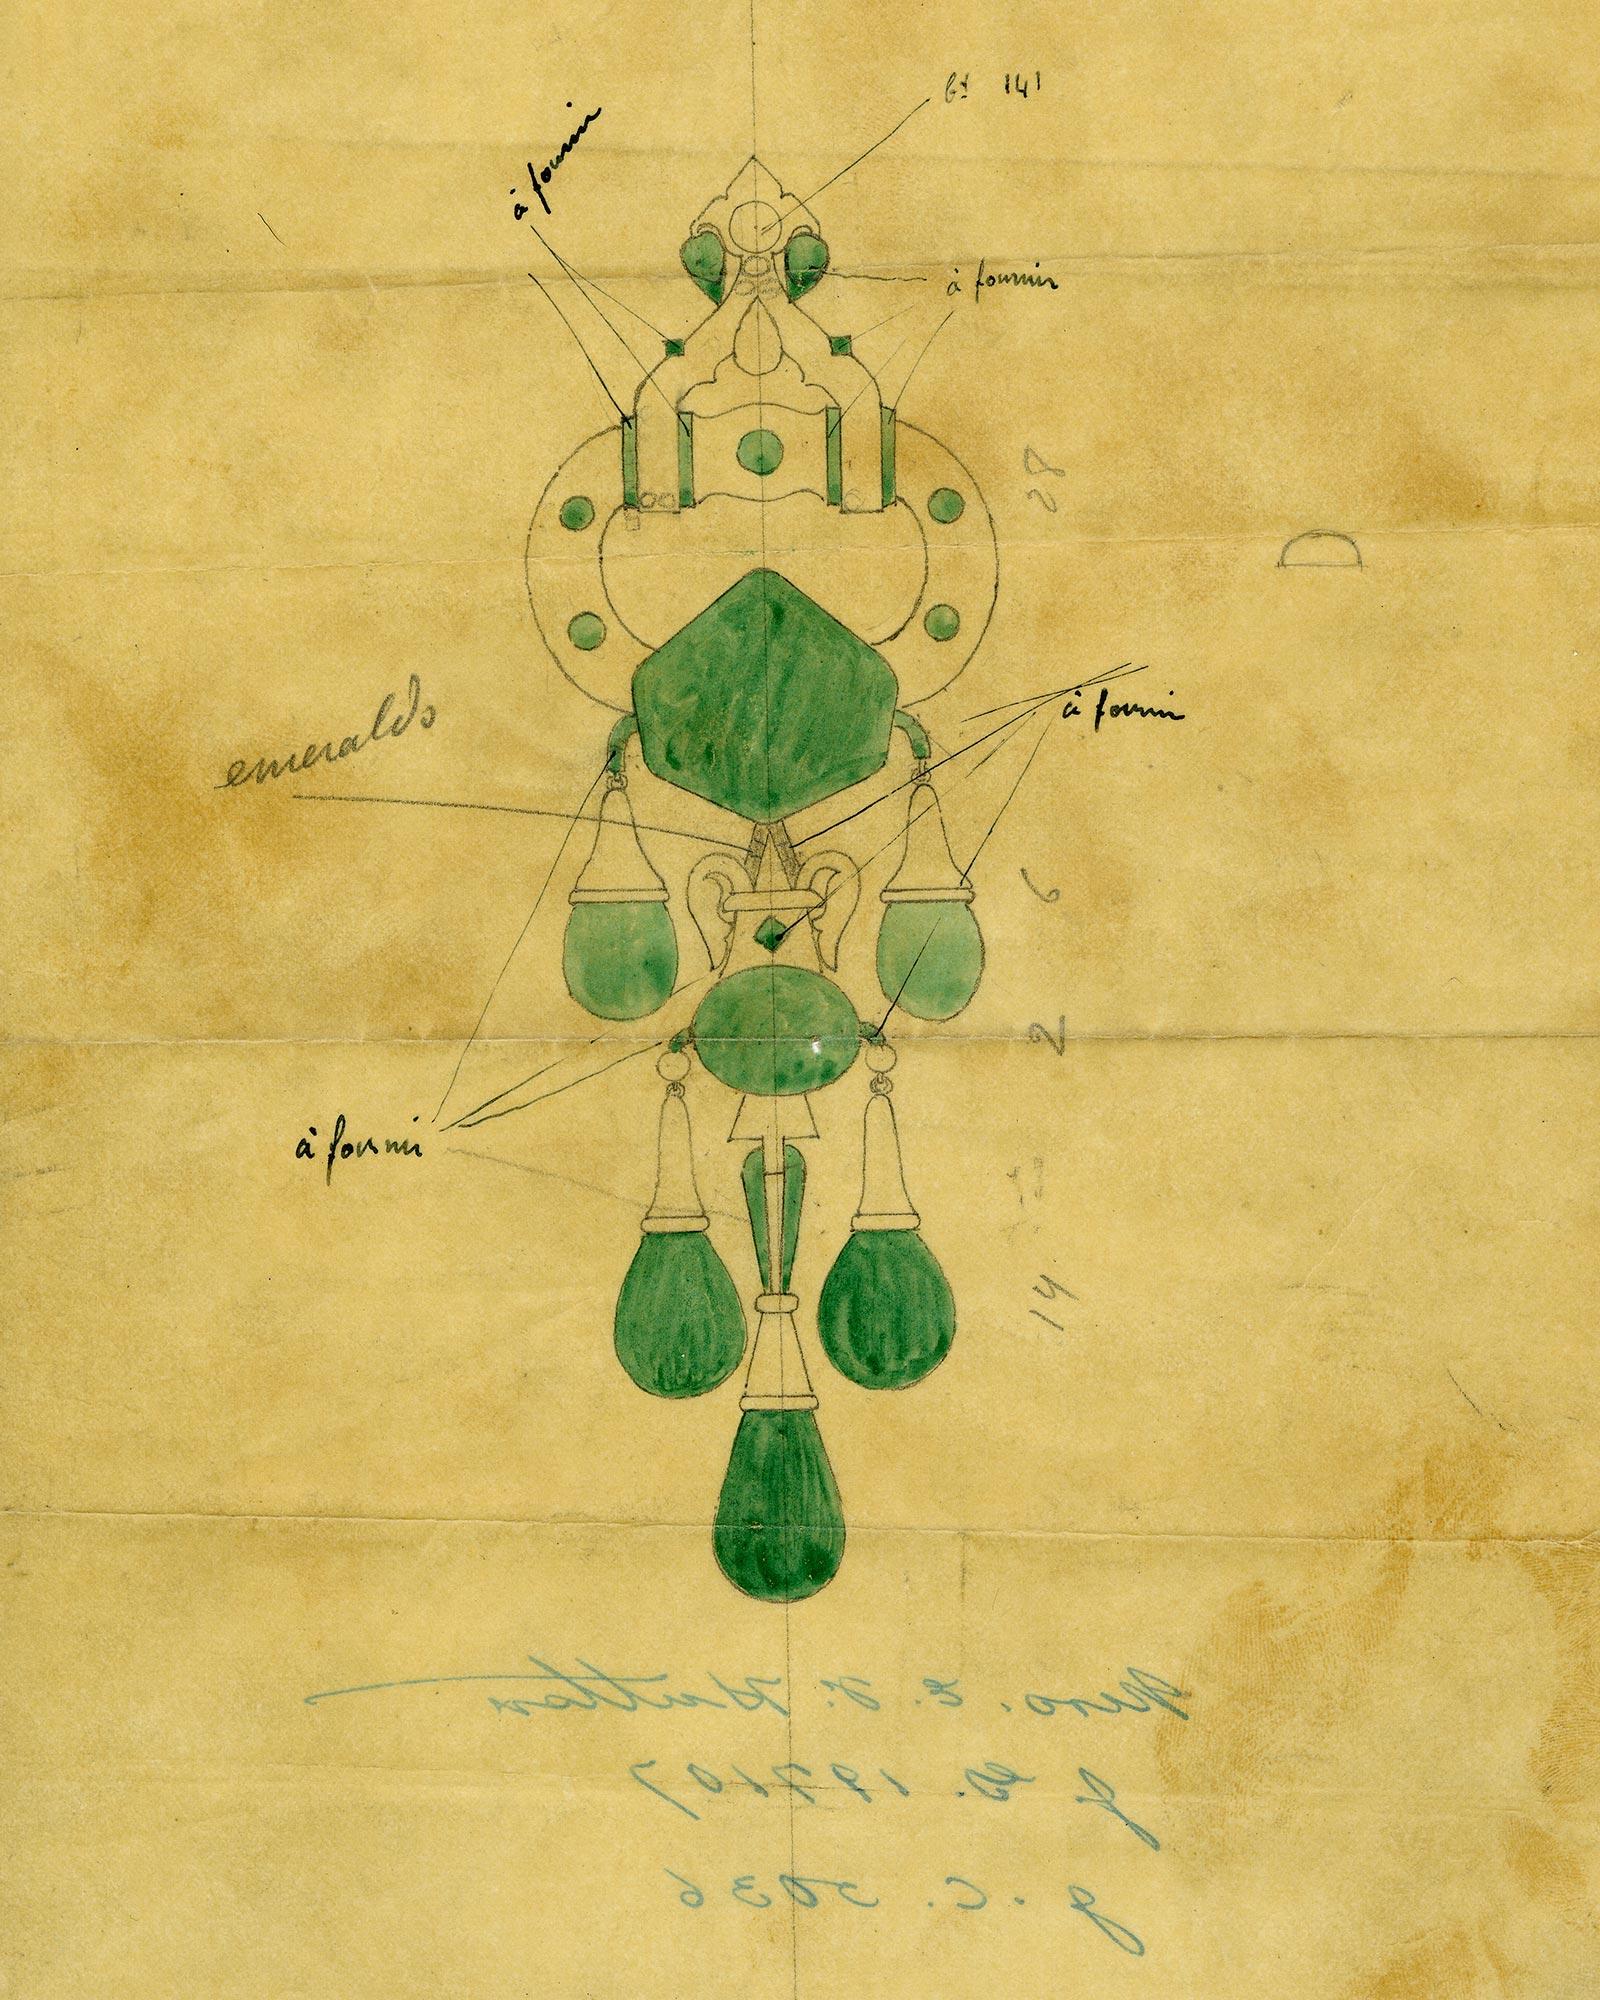 Dessin de création de la broche pendentif, Cartier Londres, 1923, remaniée par Cartier New York, 1928, H. 20,32 cm. Hillwood Estate, Museum & Gardens, legs de Marjorie Merriweather Post, 1973. Archives Cartier New York.